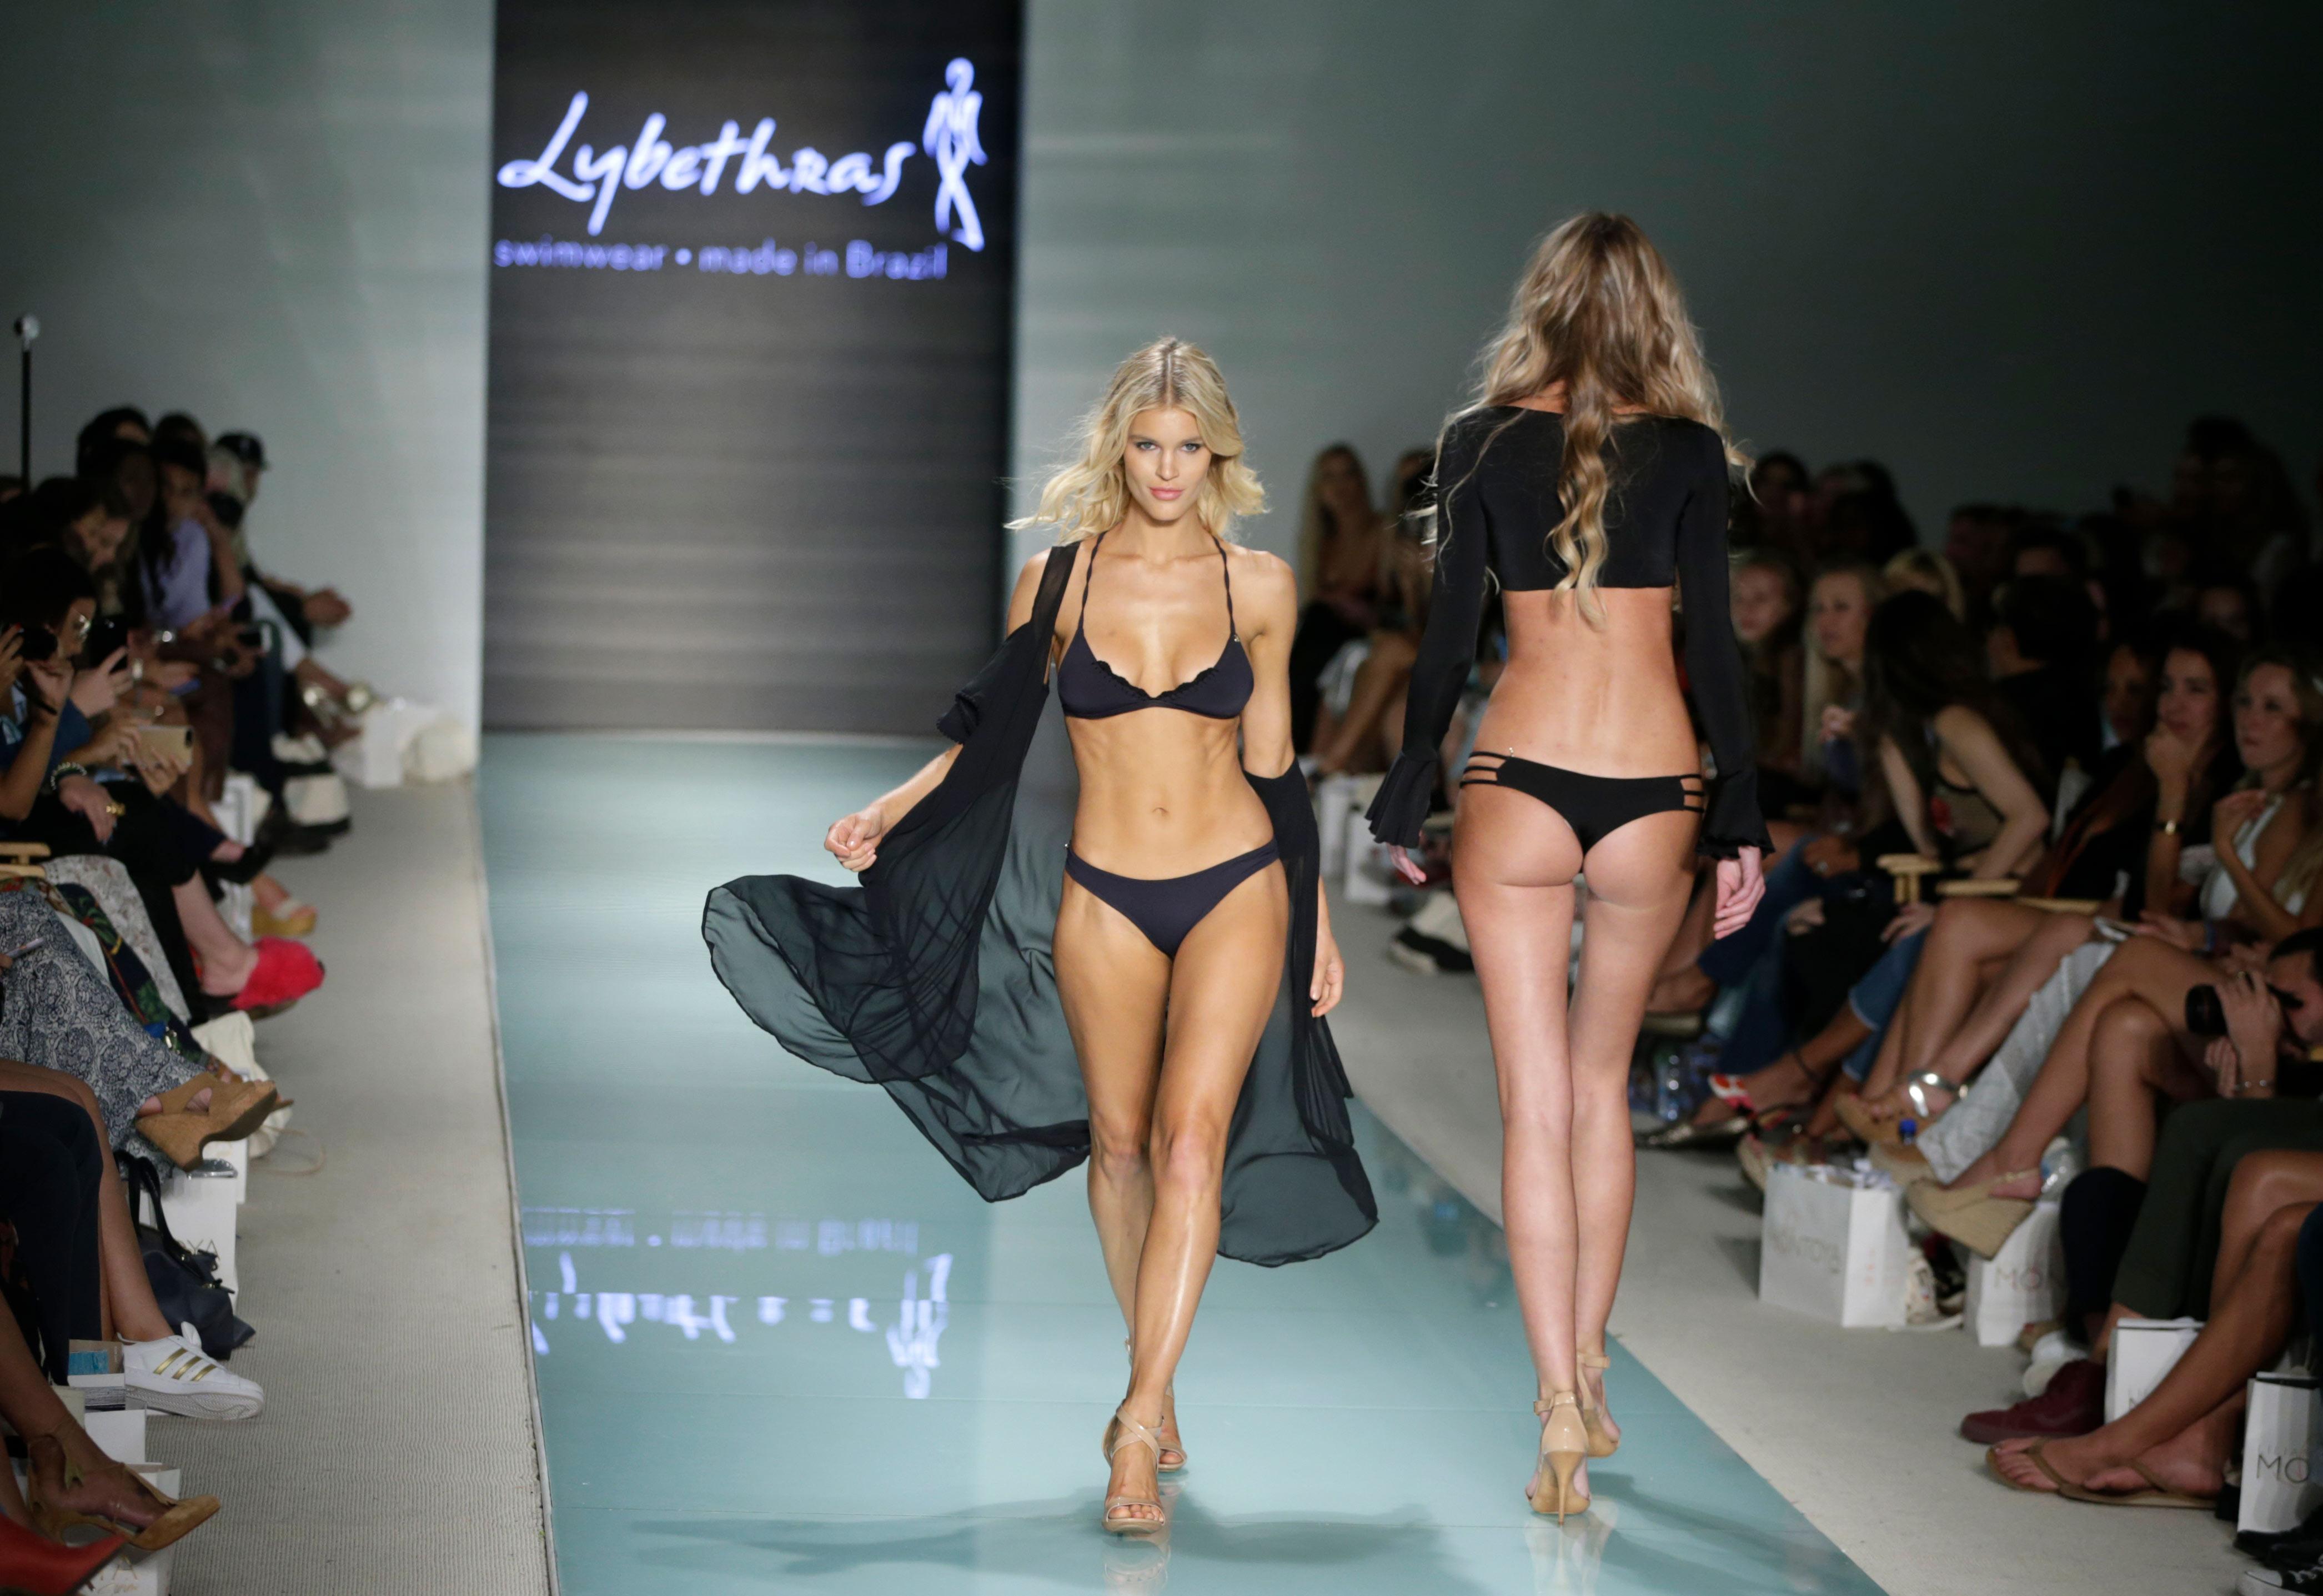 Modelos desfilan bikinis de Lybethras en el Swim Week Miami Beach. Foto AP.